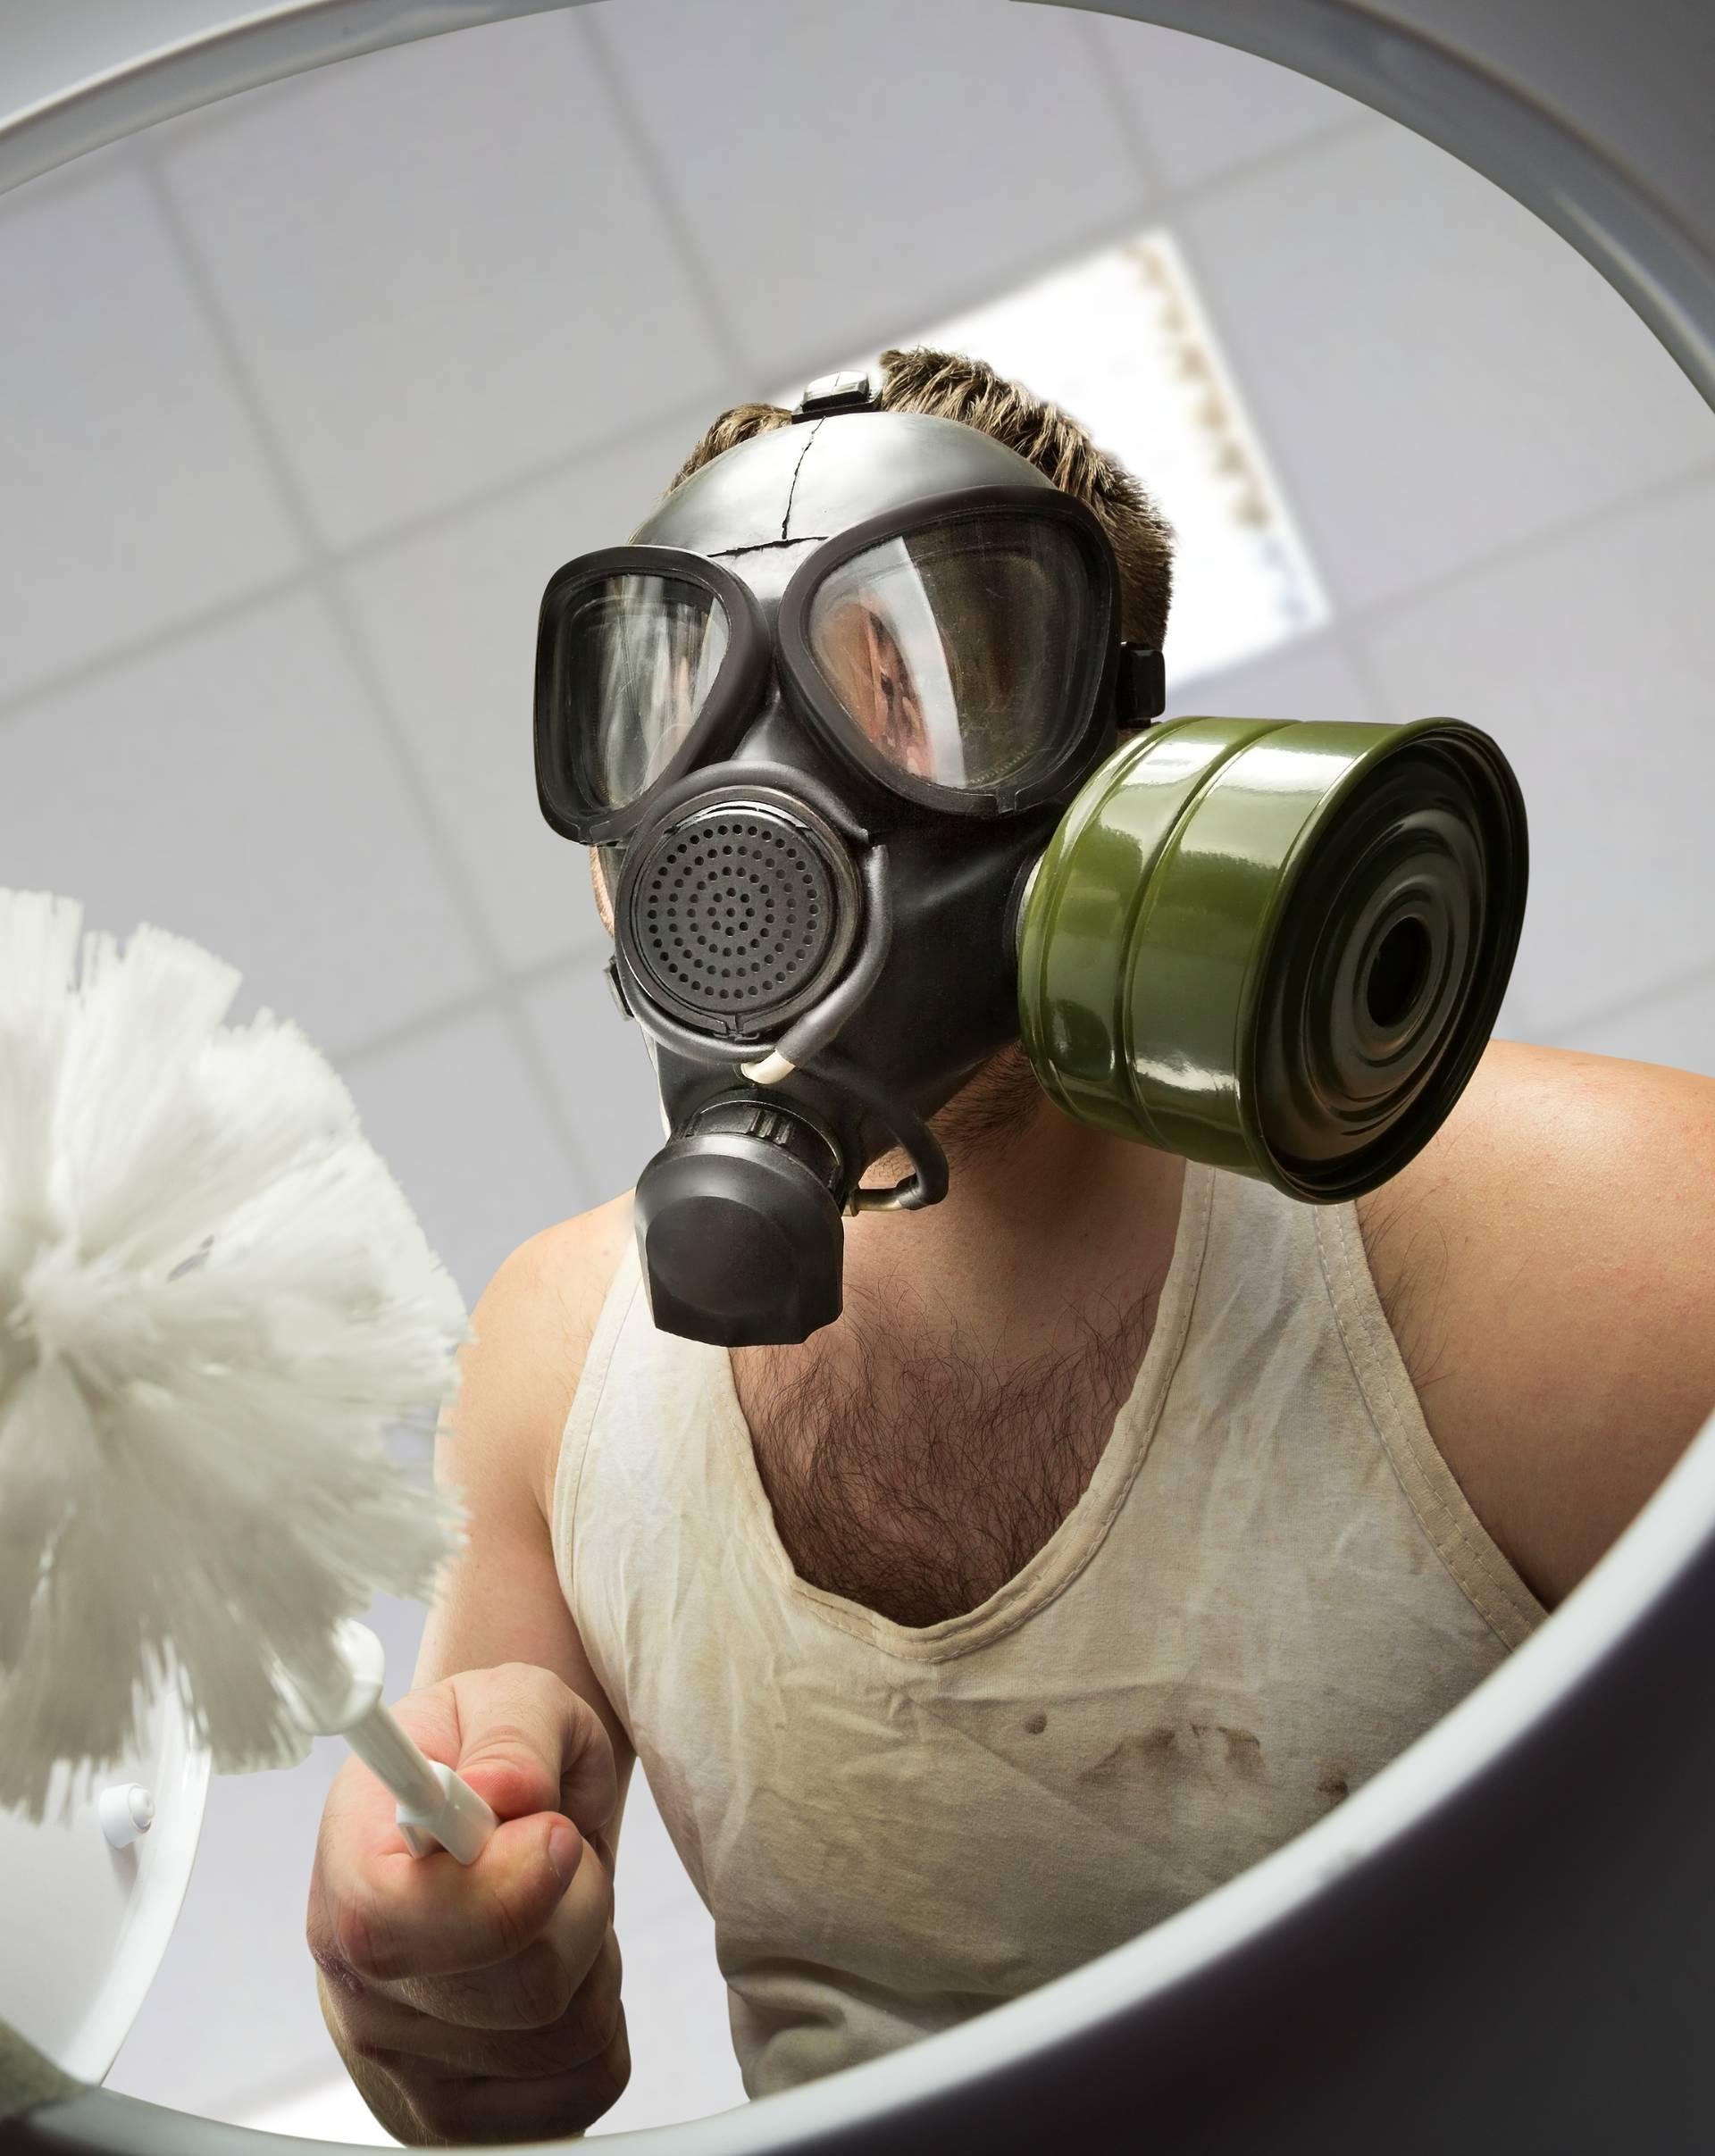 Korona virus vreba čak i iz WC školjke: Zatvarajte poklopac!